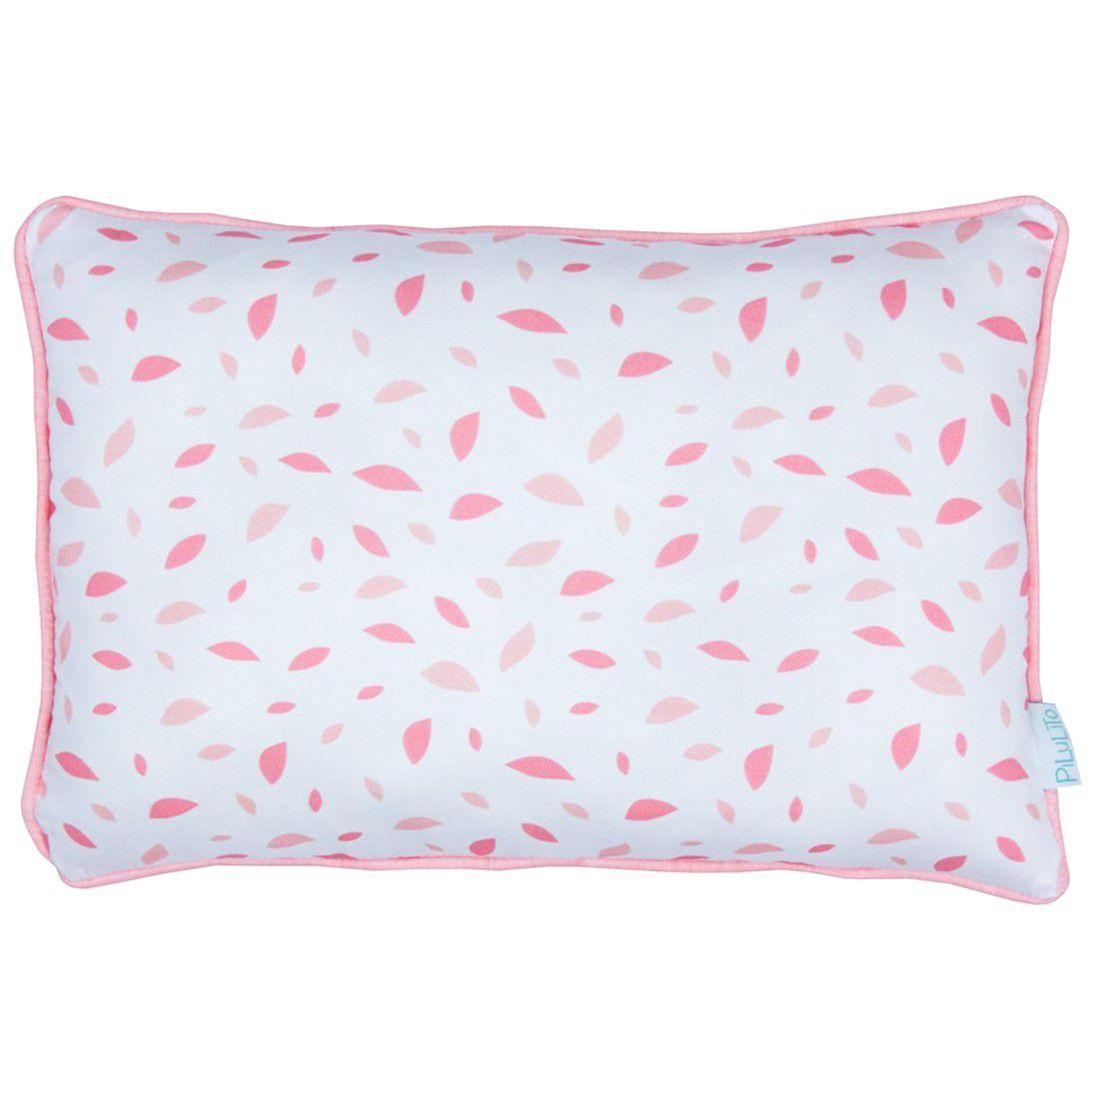 Capa de almofada de cabeceira 60x40cm chão de folhas rosa chá